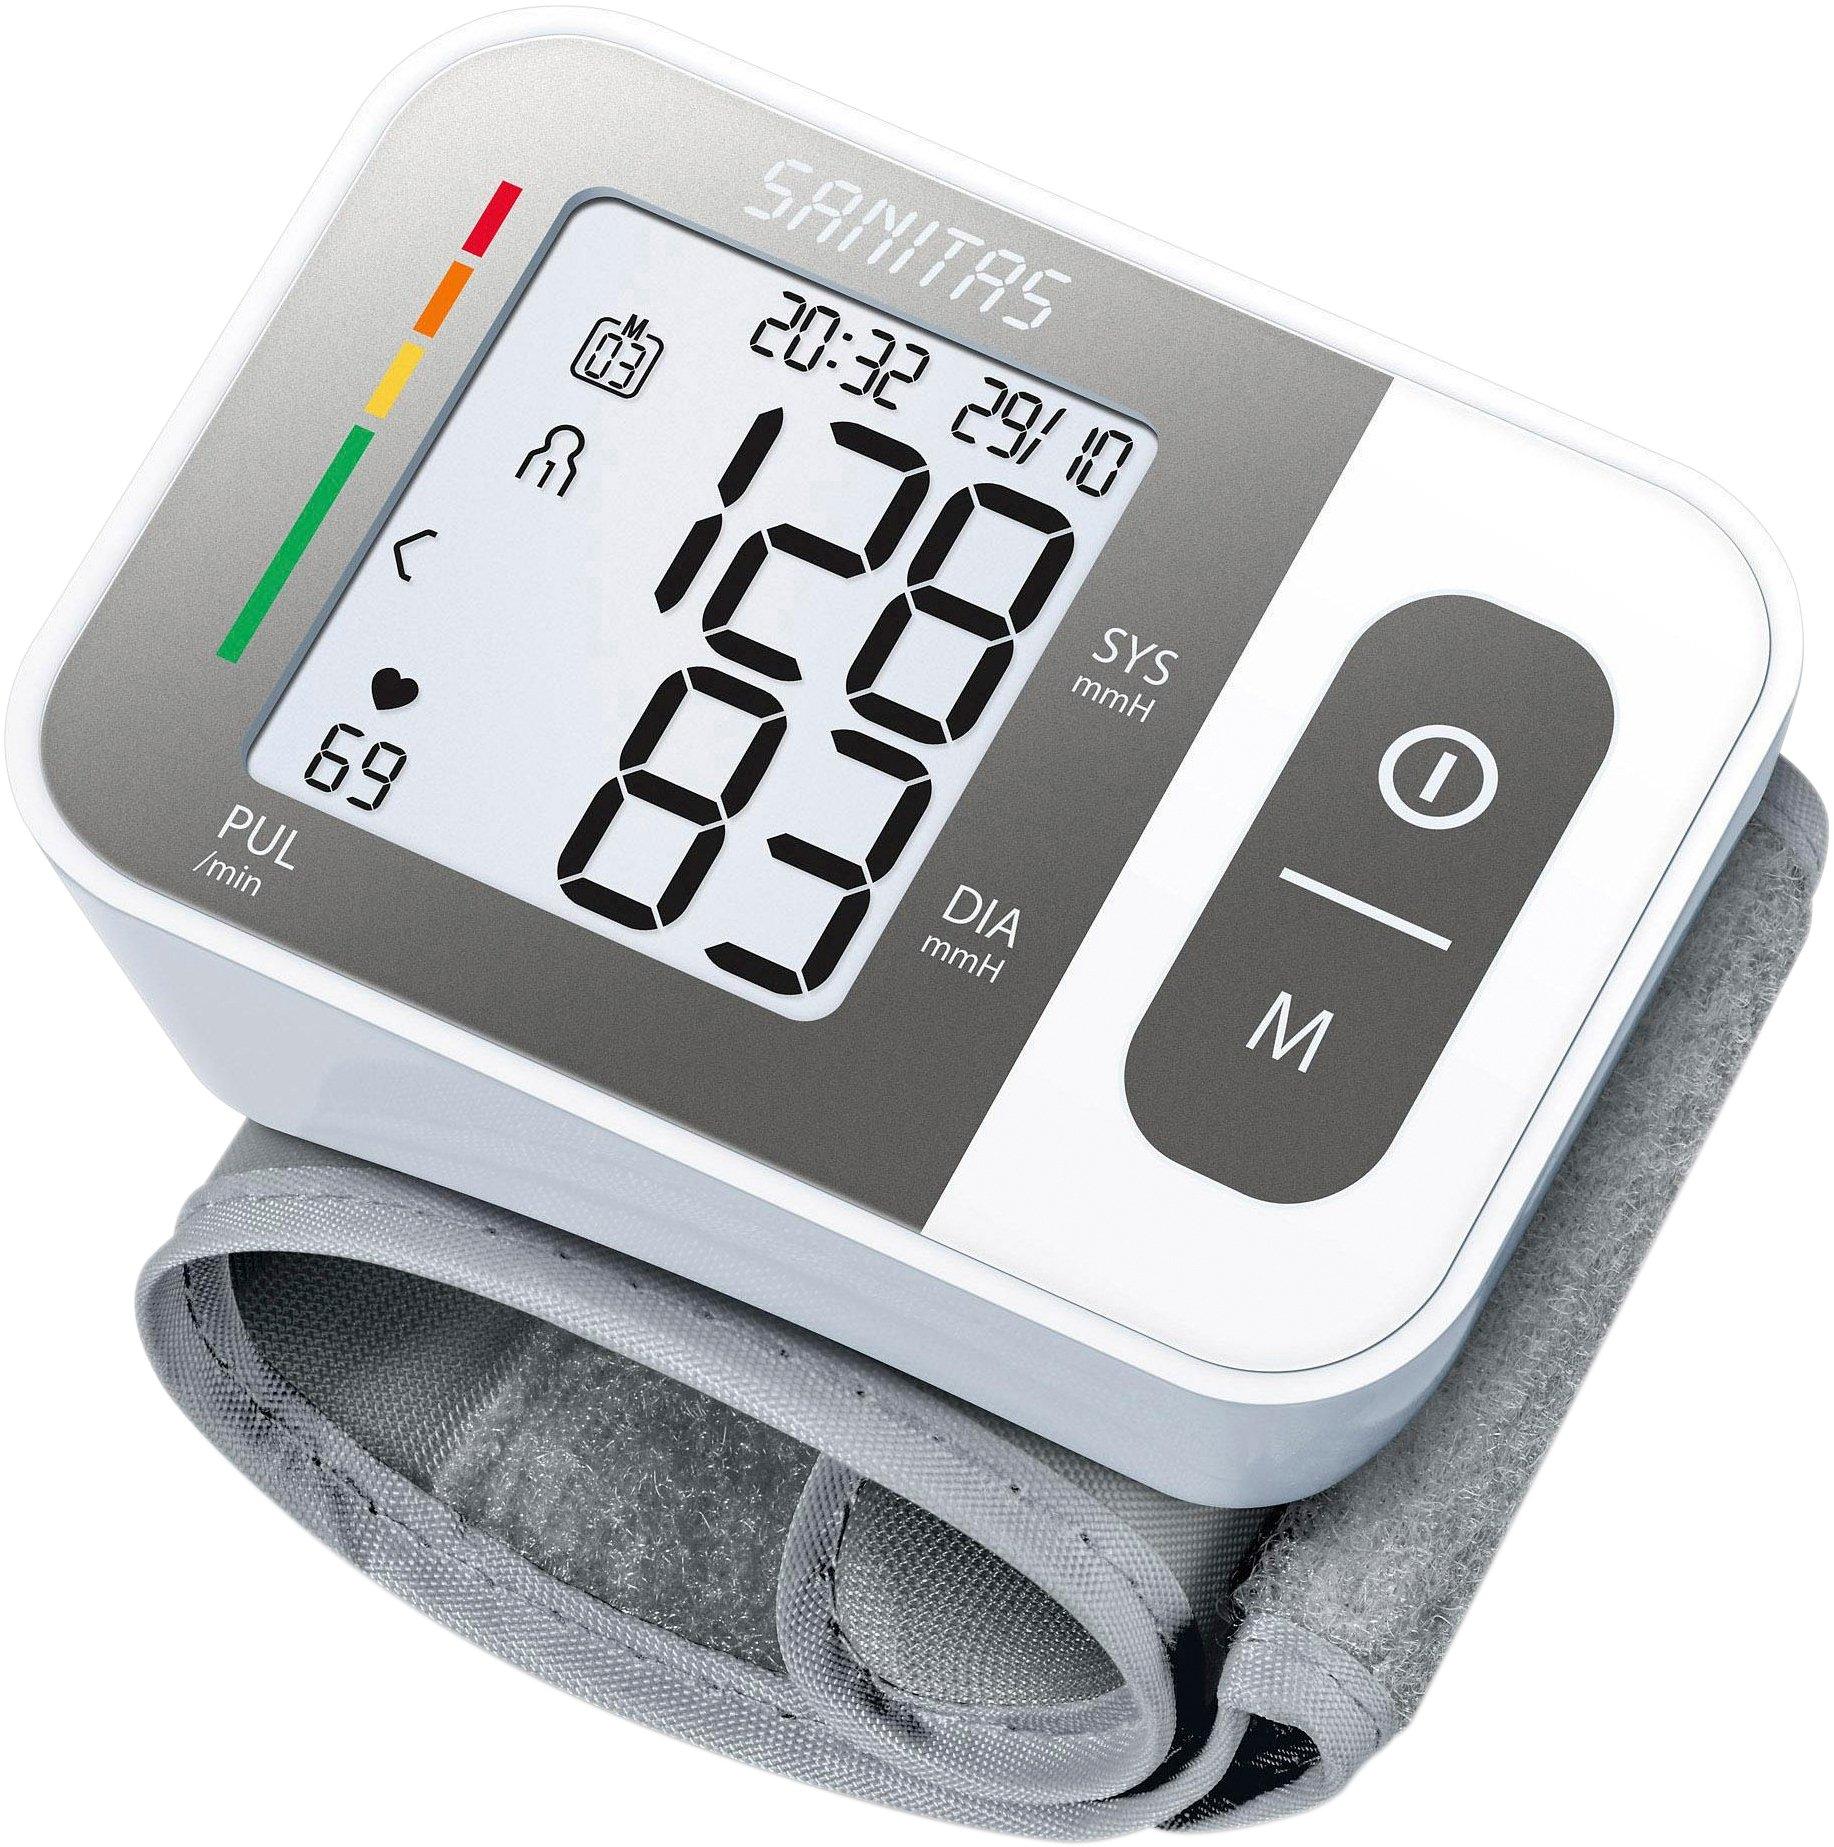 Bloeddrukmeter voor de pols met alarmeringsfunctie bij eventuele hartritmestoornissen bestellen: 30 dagen bedenktijd